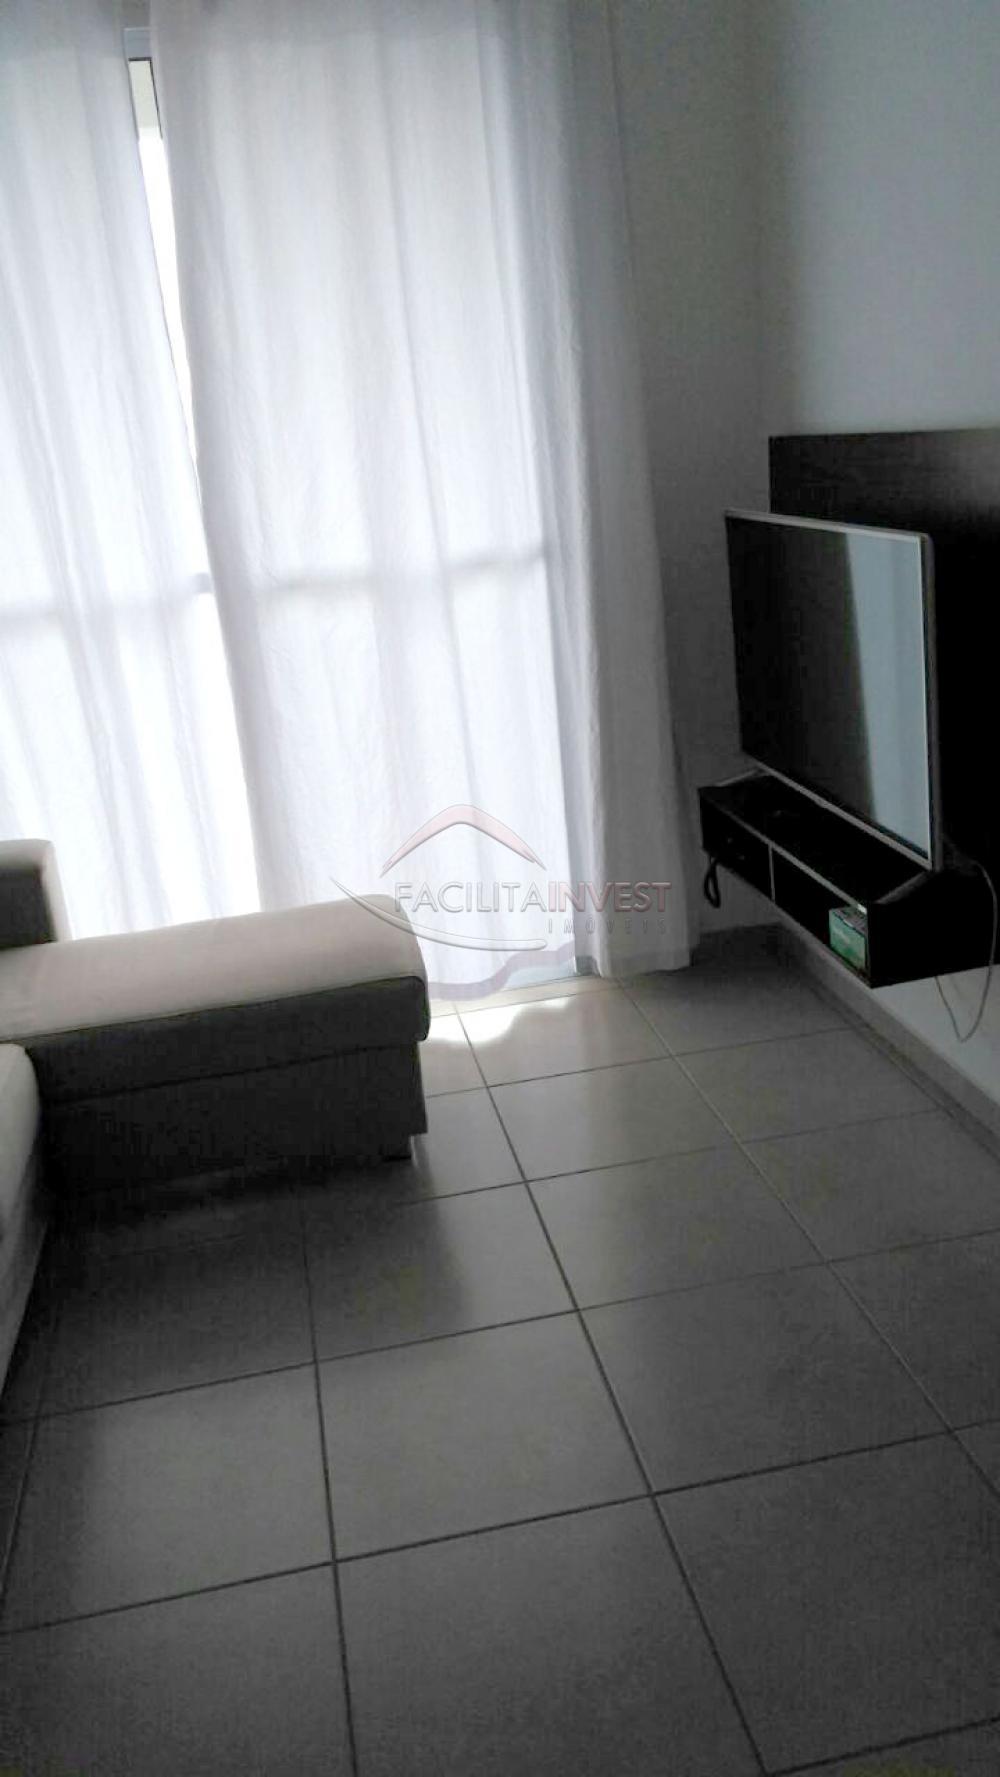 Alugar Apartamentos / Apartamento Mobiliado em Ribeirão Preto apenas R$ 1.600,00 - Foto 2